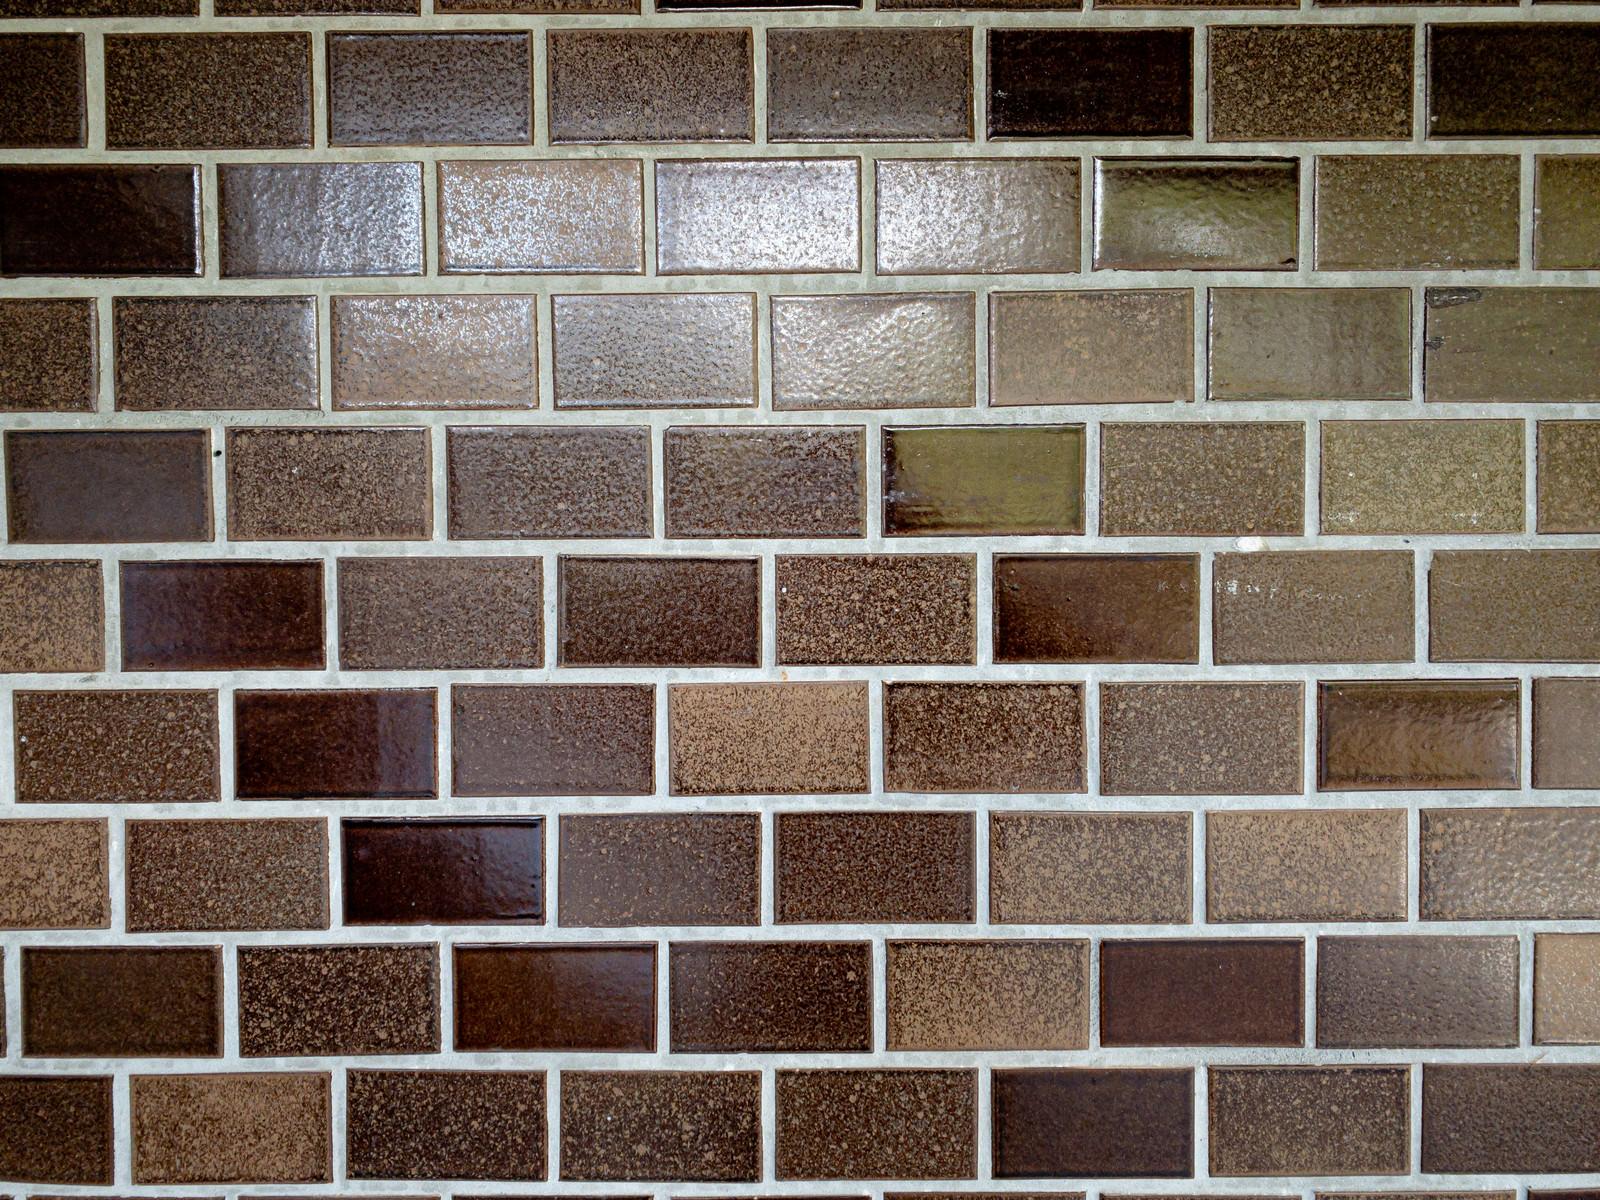 「蛍光灯が反射したタイル壁(テクスチャ)」の写真